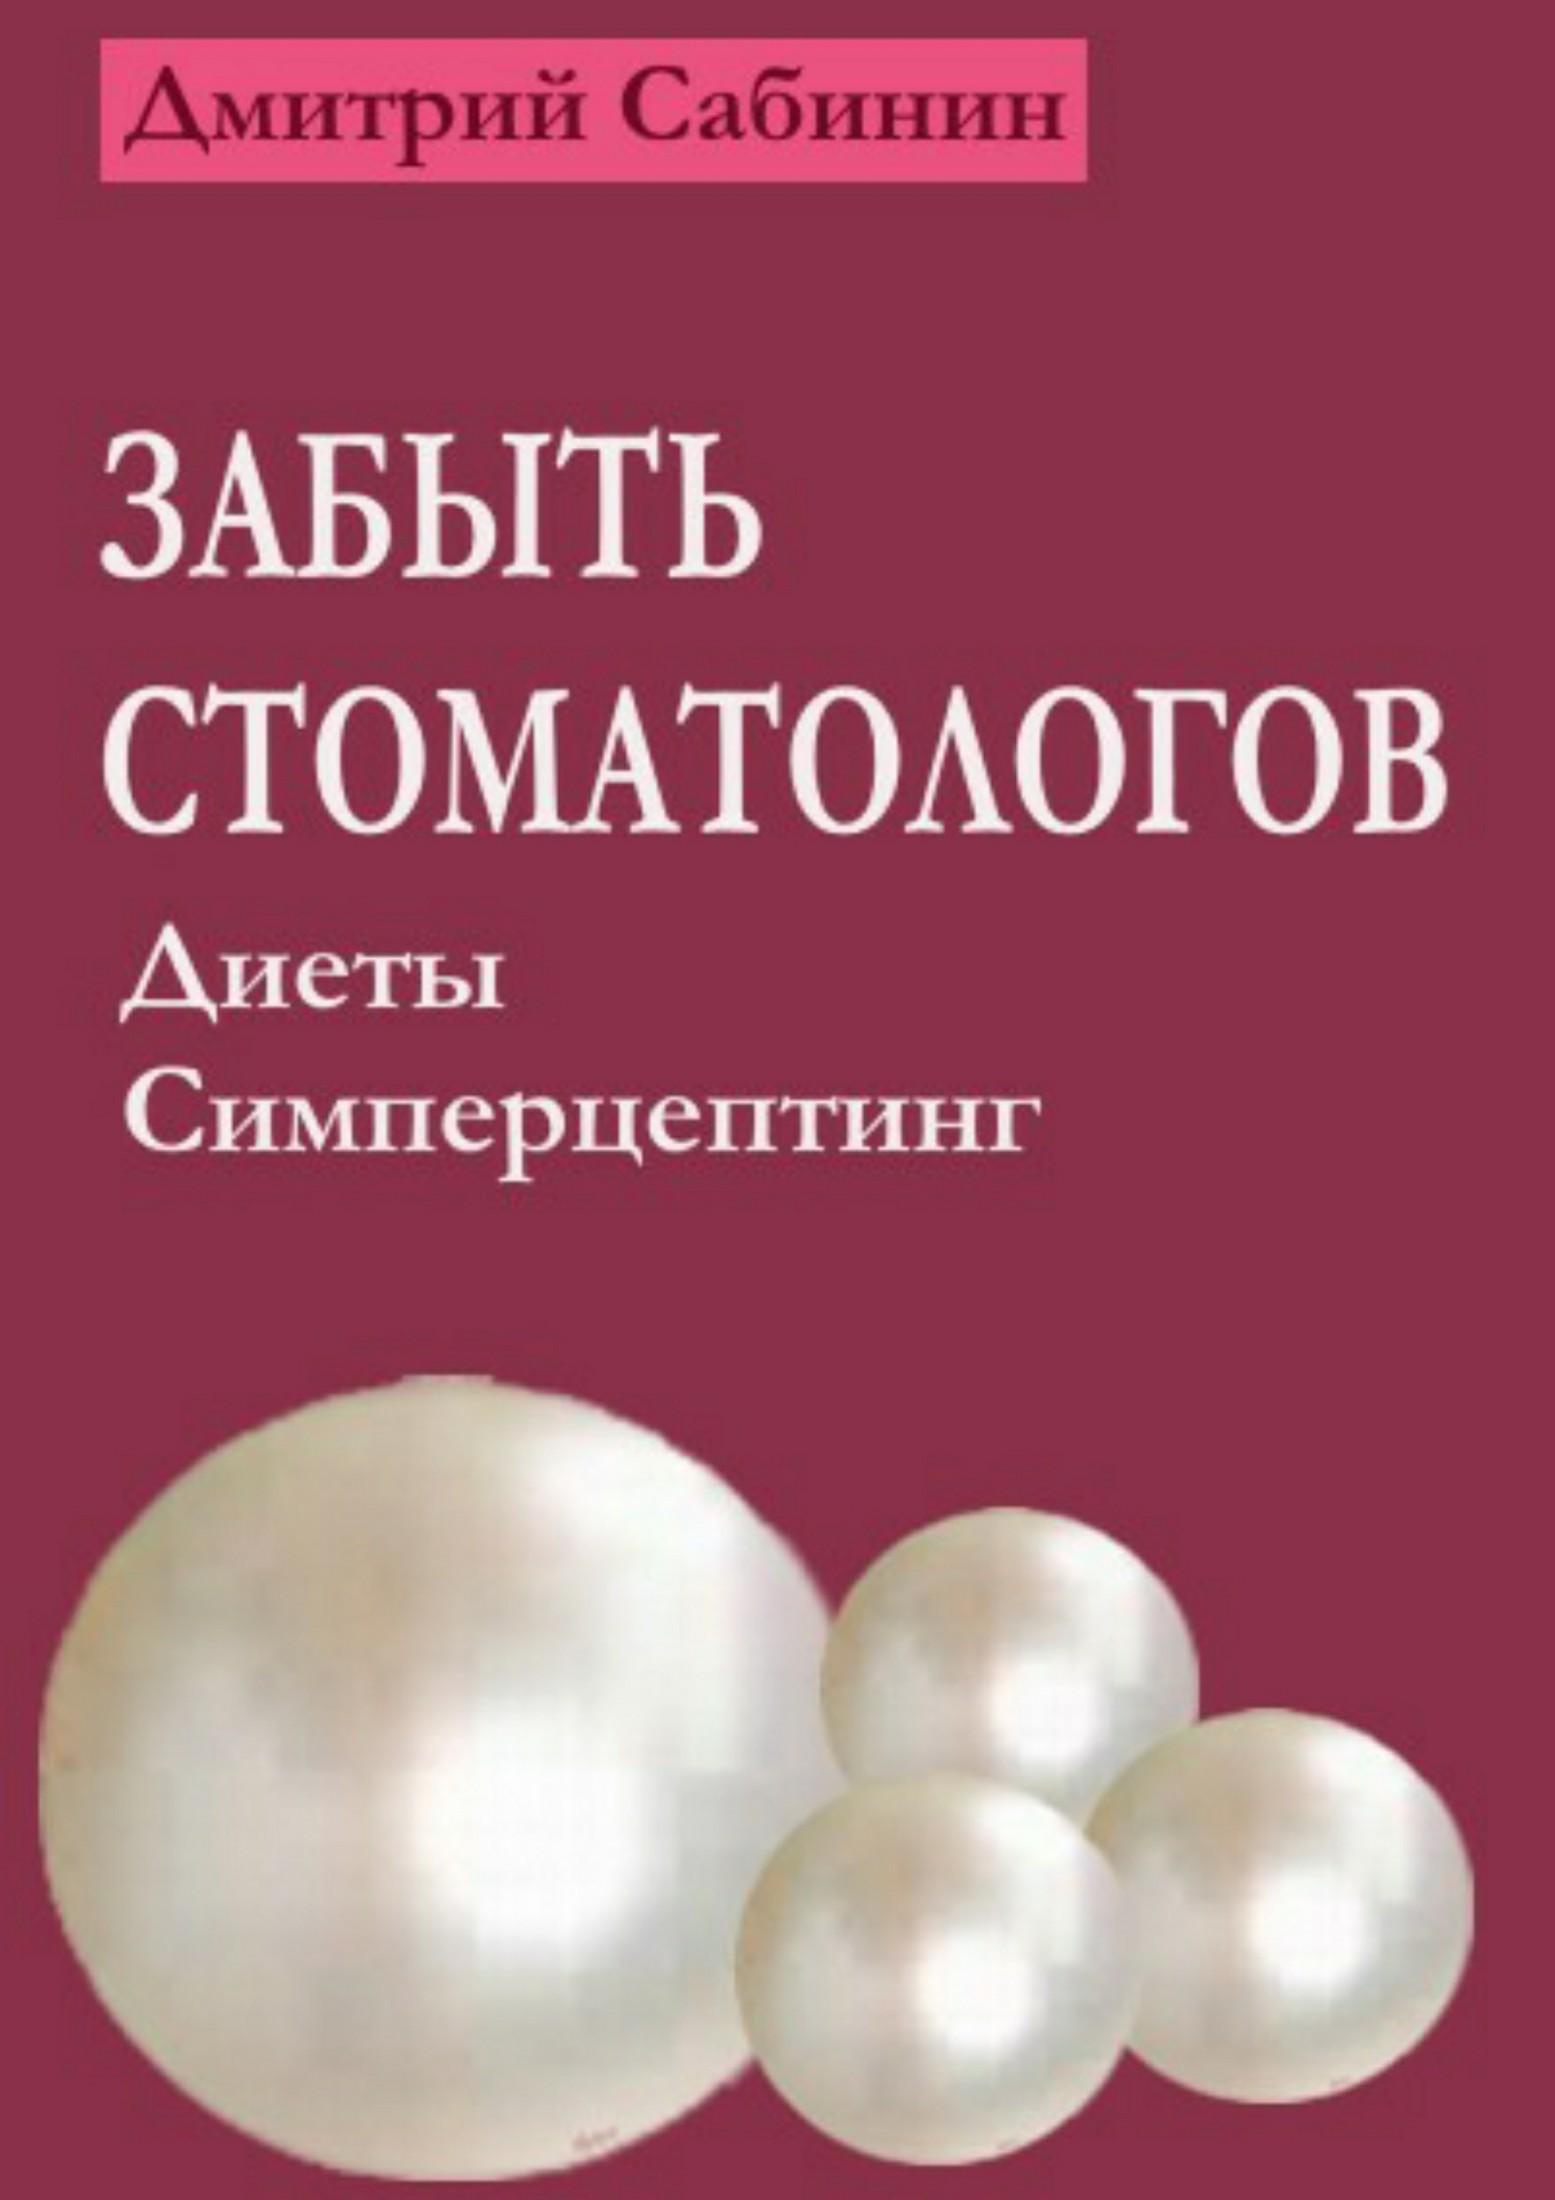 Дмитрий Сабинин «Забыть стоматологов. Диеты. Симперцептинг»